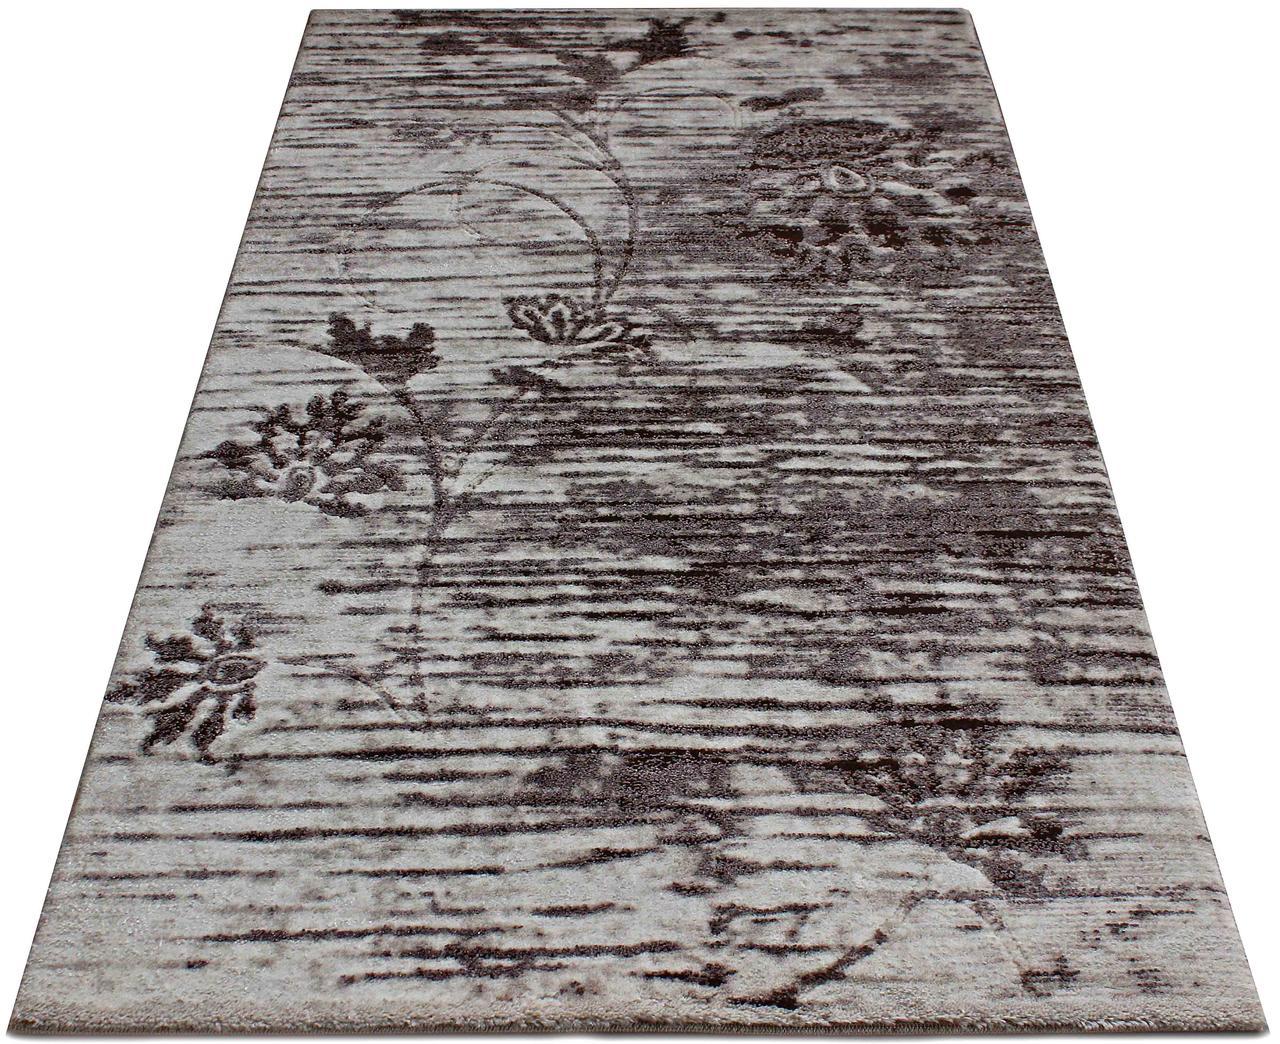 Коврик современный PATARA 0126 0,8Х1,5 КОРИЧНЕВЫЙ прямоугольник